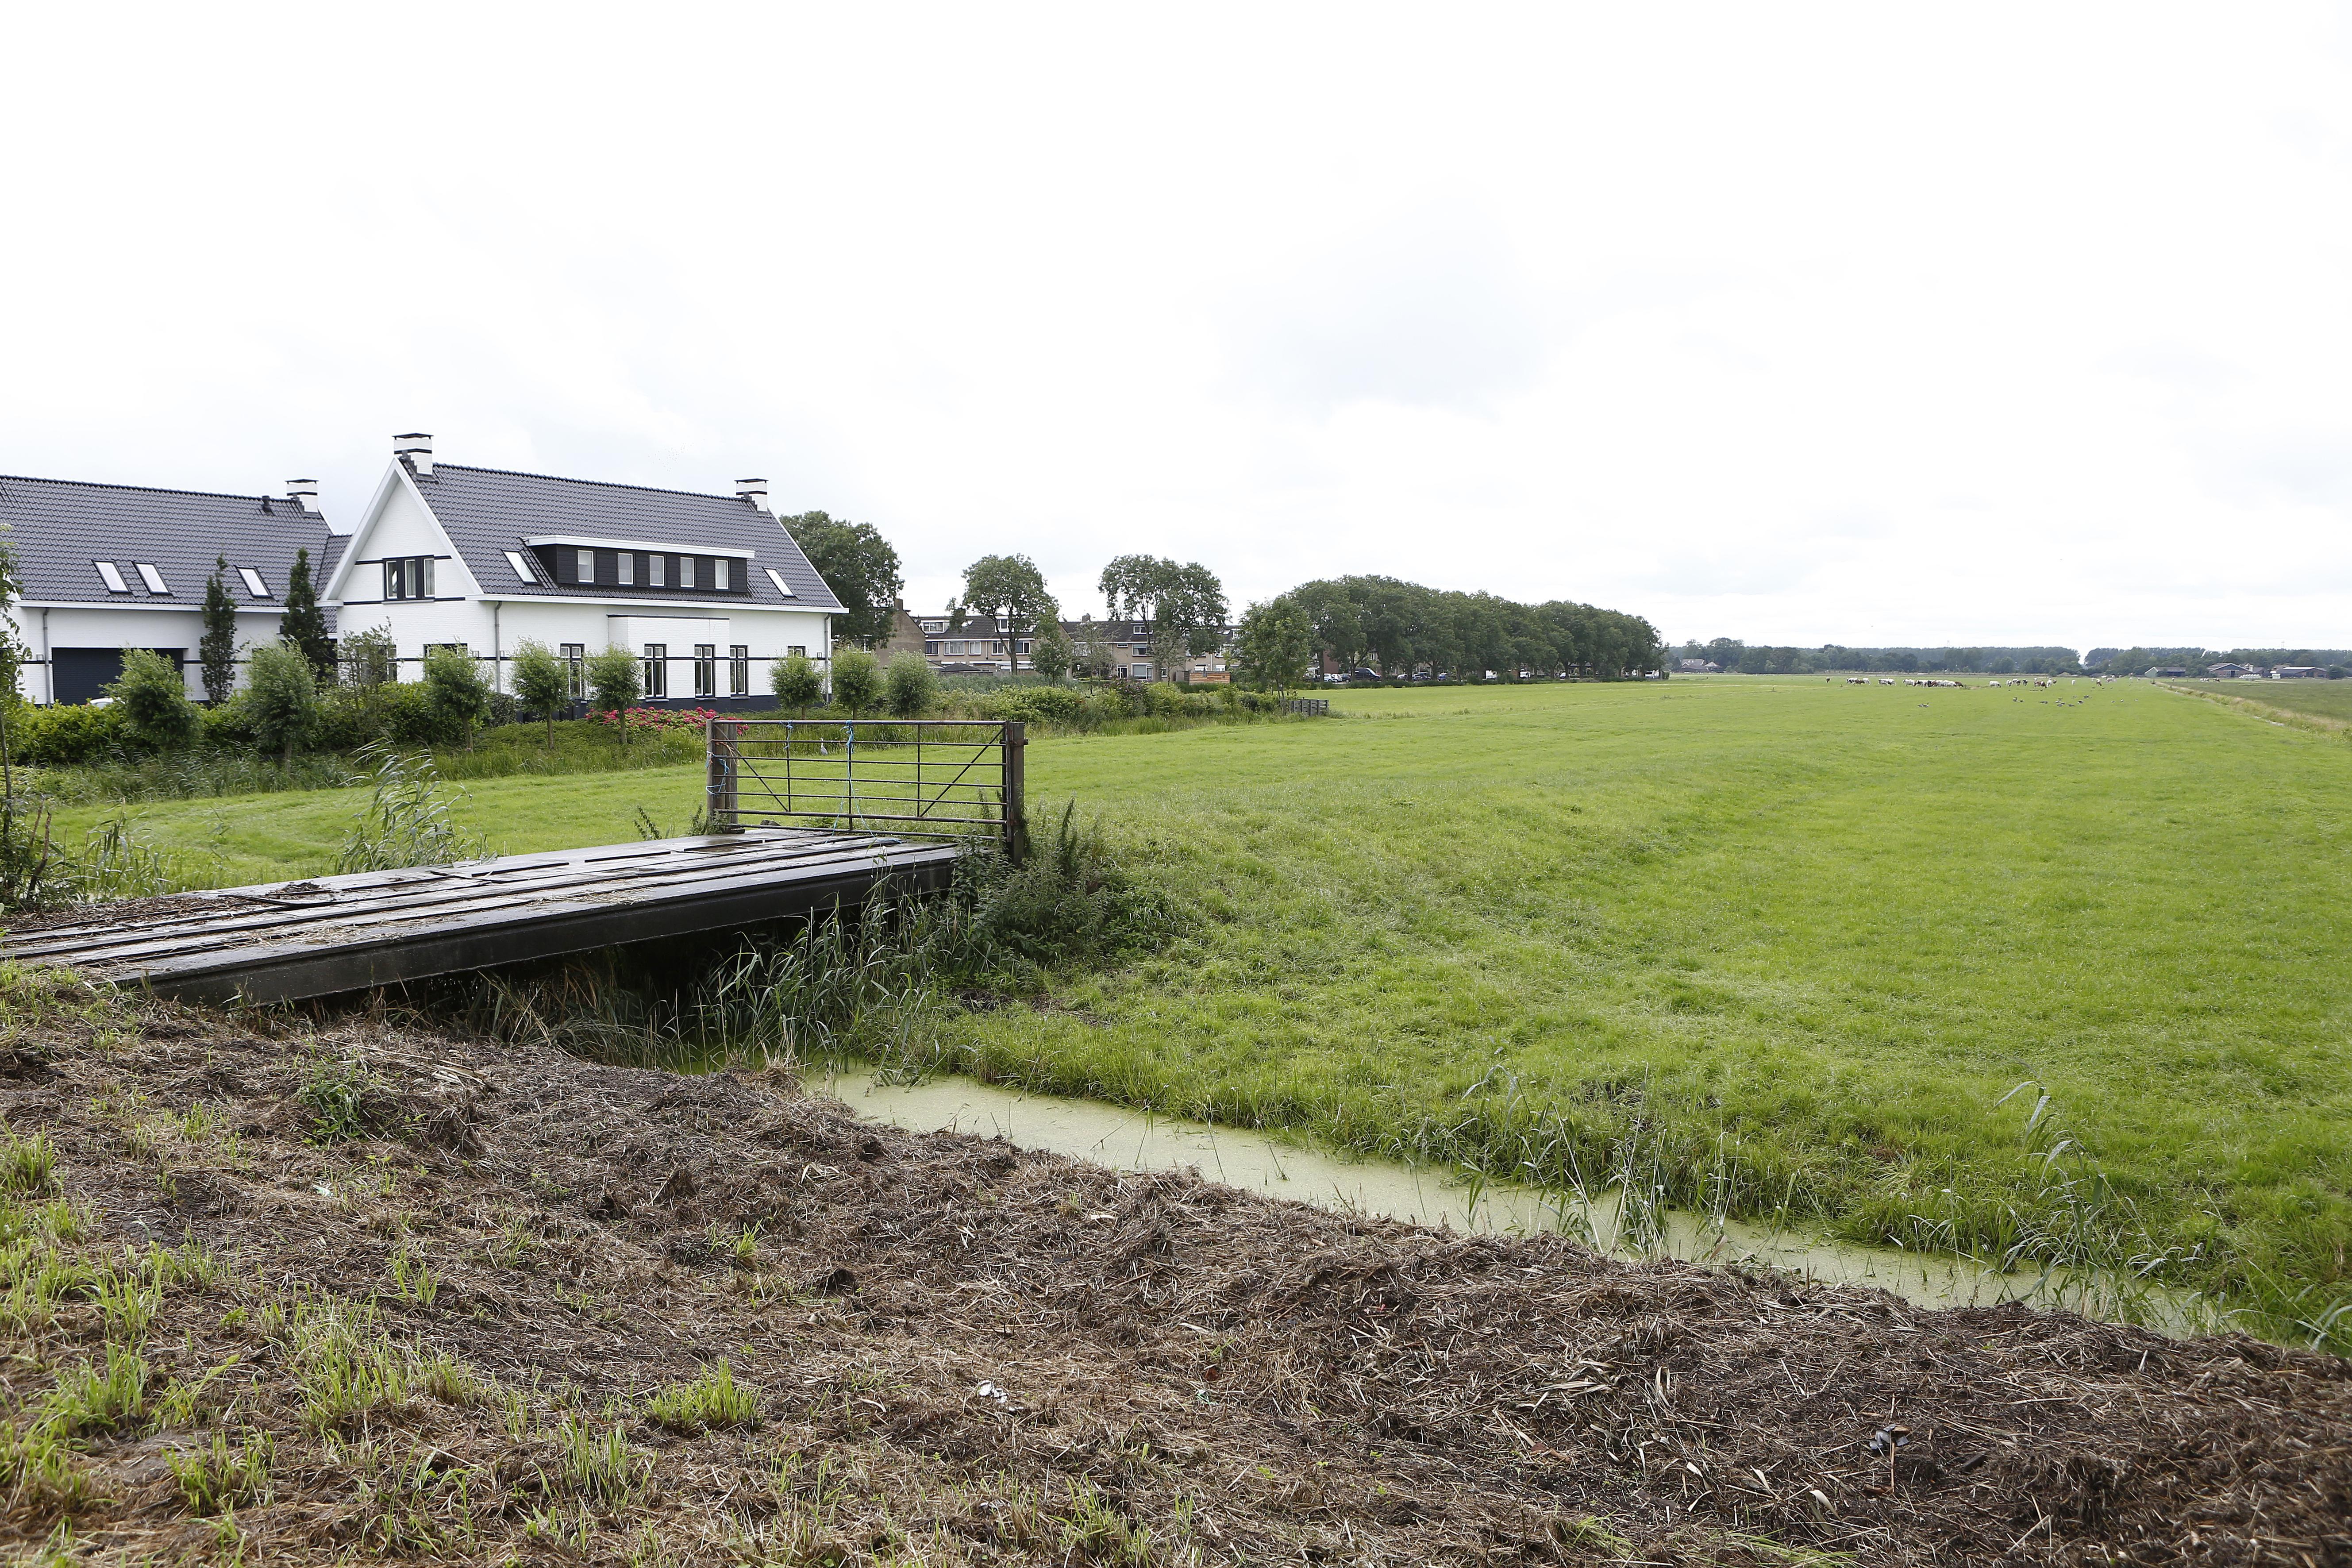 Provincie onverzettelijk: bouwambities Wijdemeren gedwarsboomd, streep door plannen voor nieuwe wijken